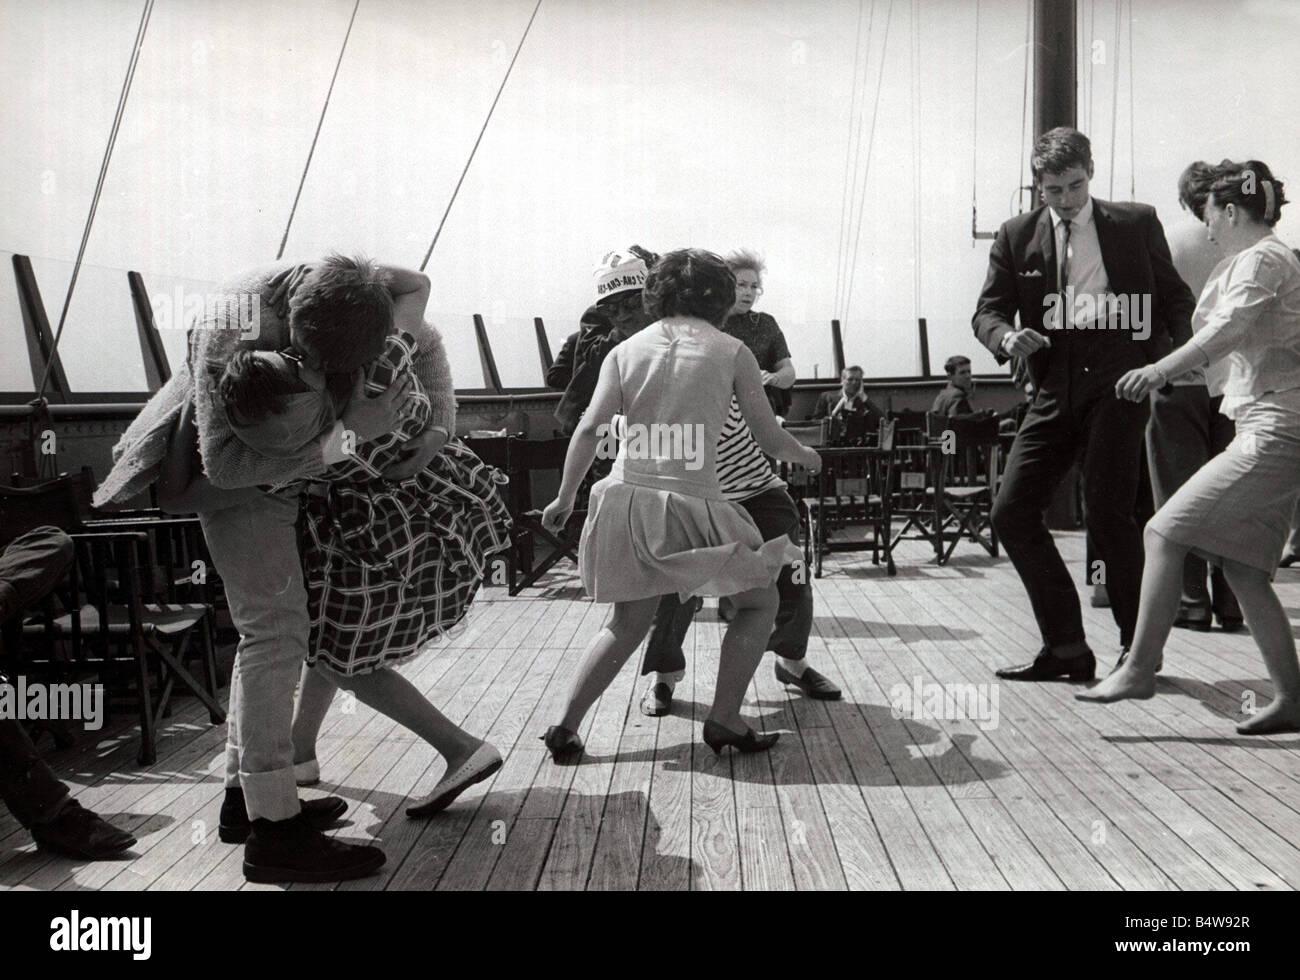 Boot Party Paare Tanz und Jive in True 60 s Stil Paar küssen tun die Wendung Spaß Humor ecard02 Stockfoto